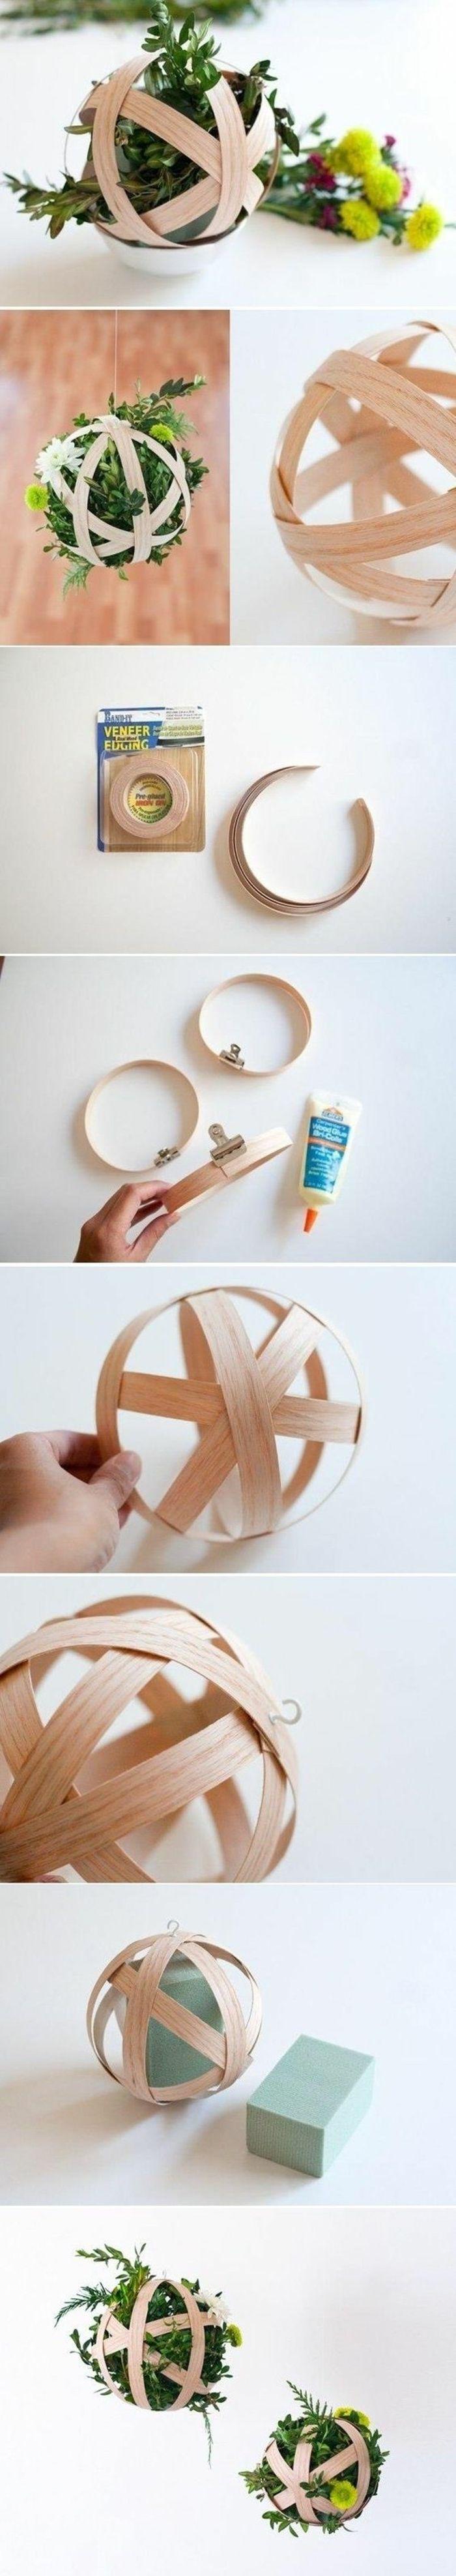 idee decoration mariage en bois et plantes vertes, deco table champetre: